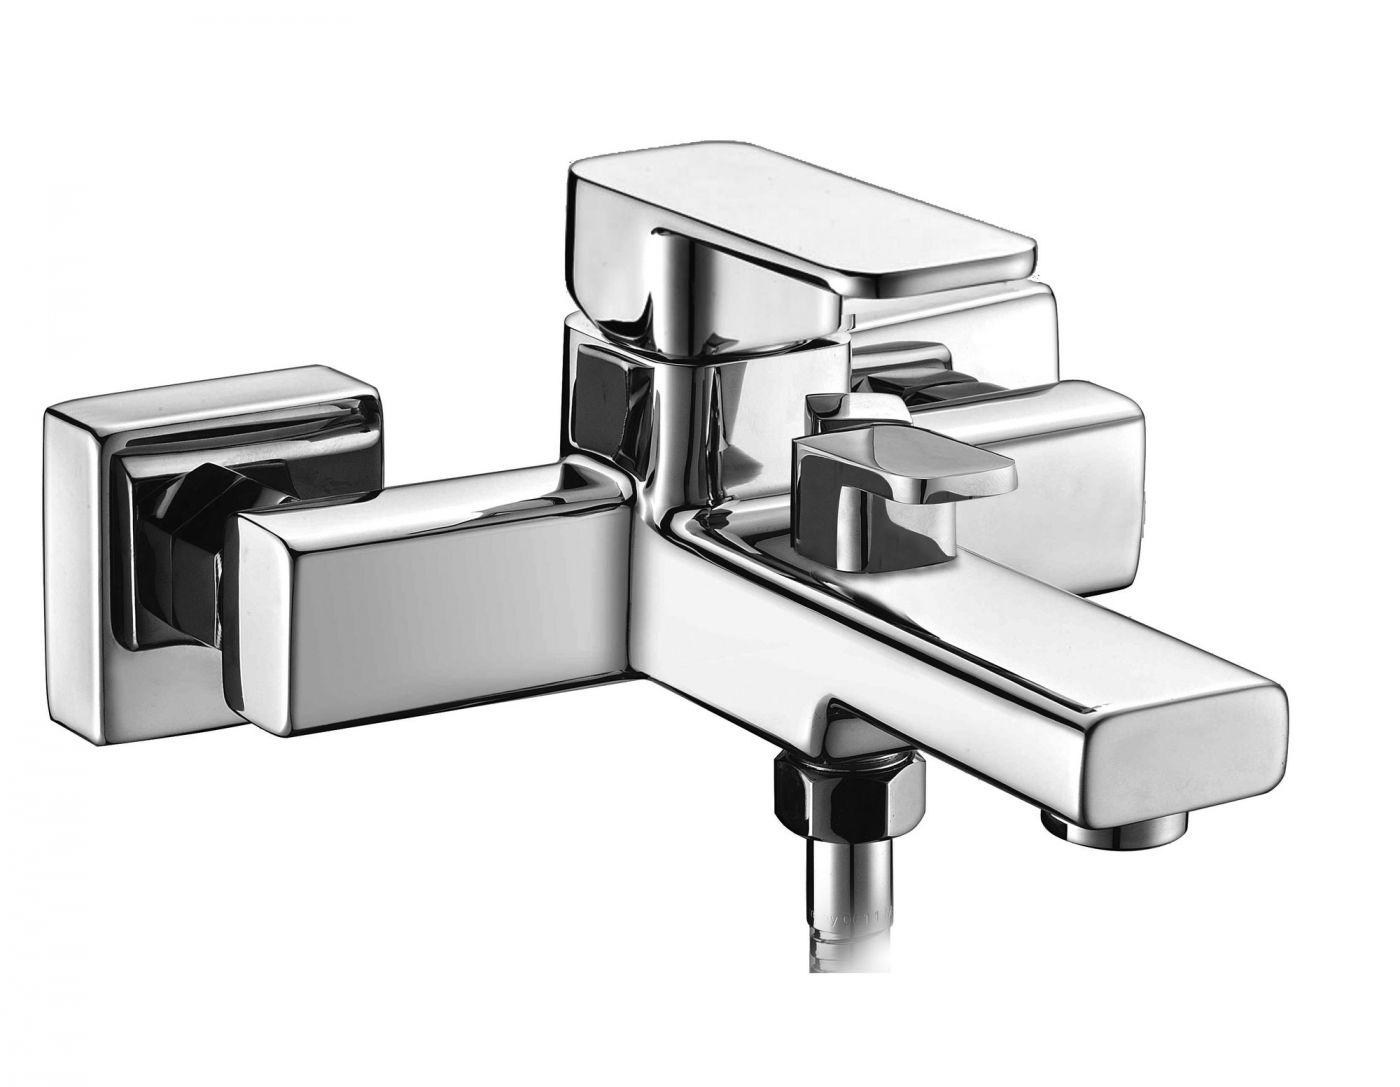 Смеситель для ванны Elghansa Mondschein 2320235 (хром)